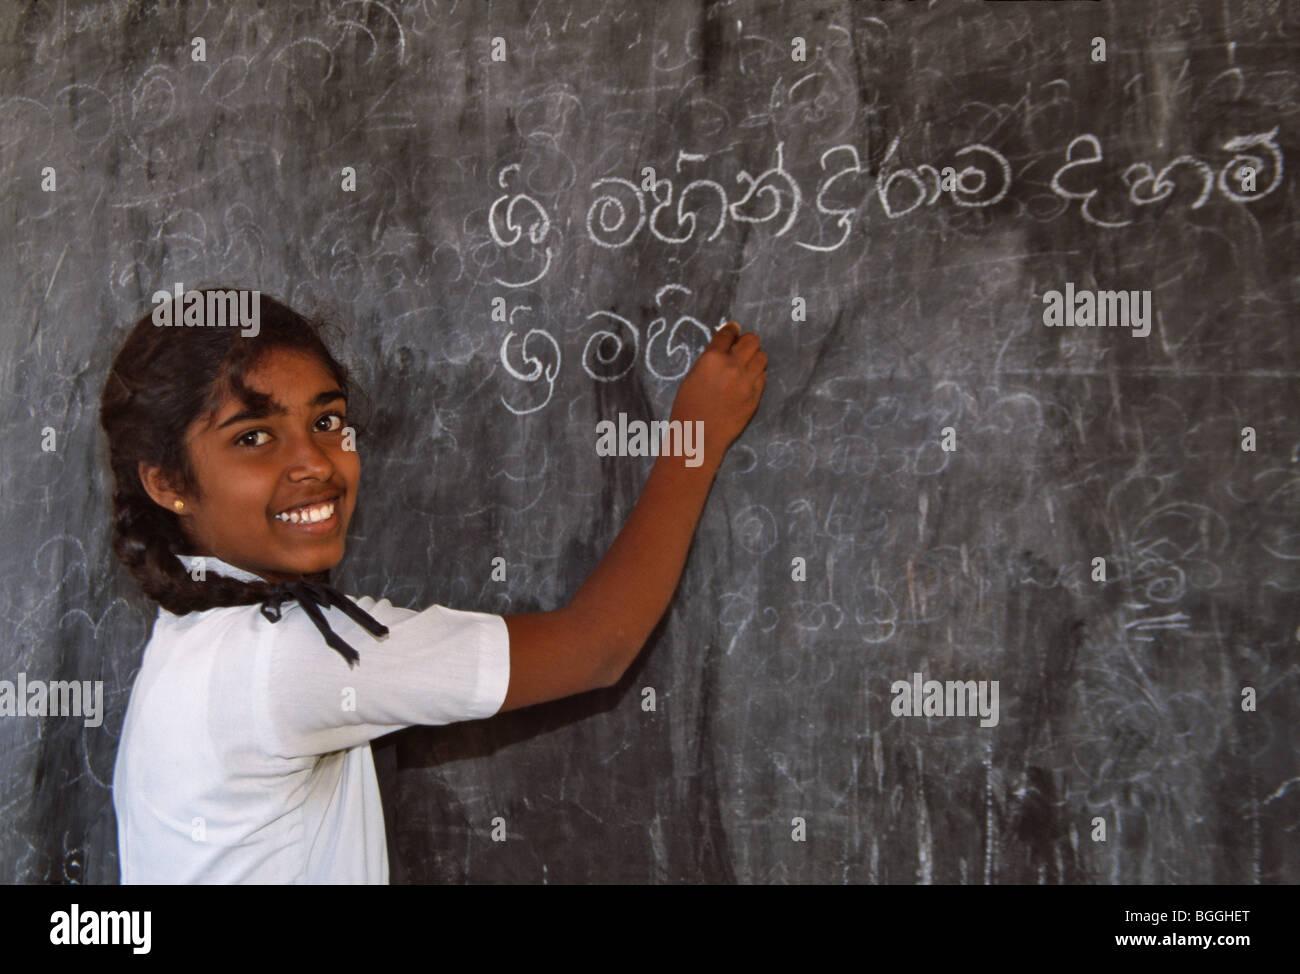 Schön Schreiben Für Studenten Bilder - Beispielzusammenfassung Ideen ...